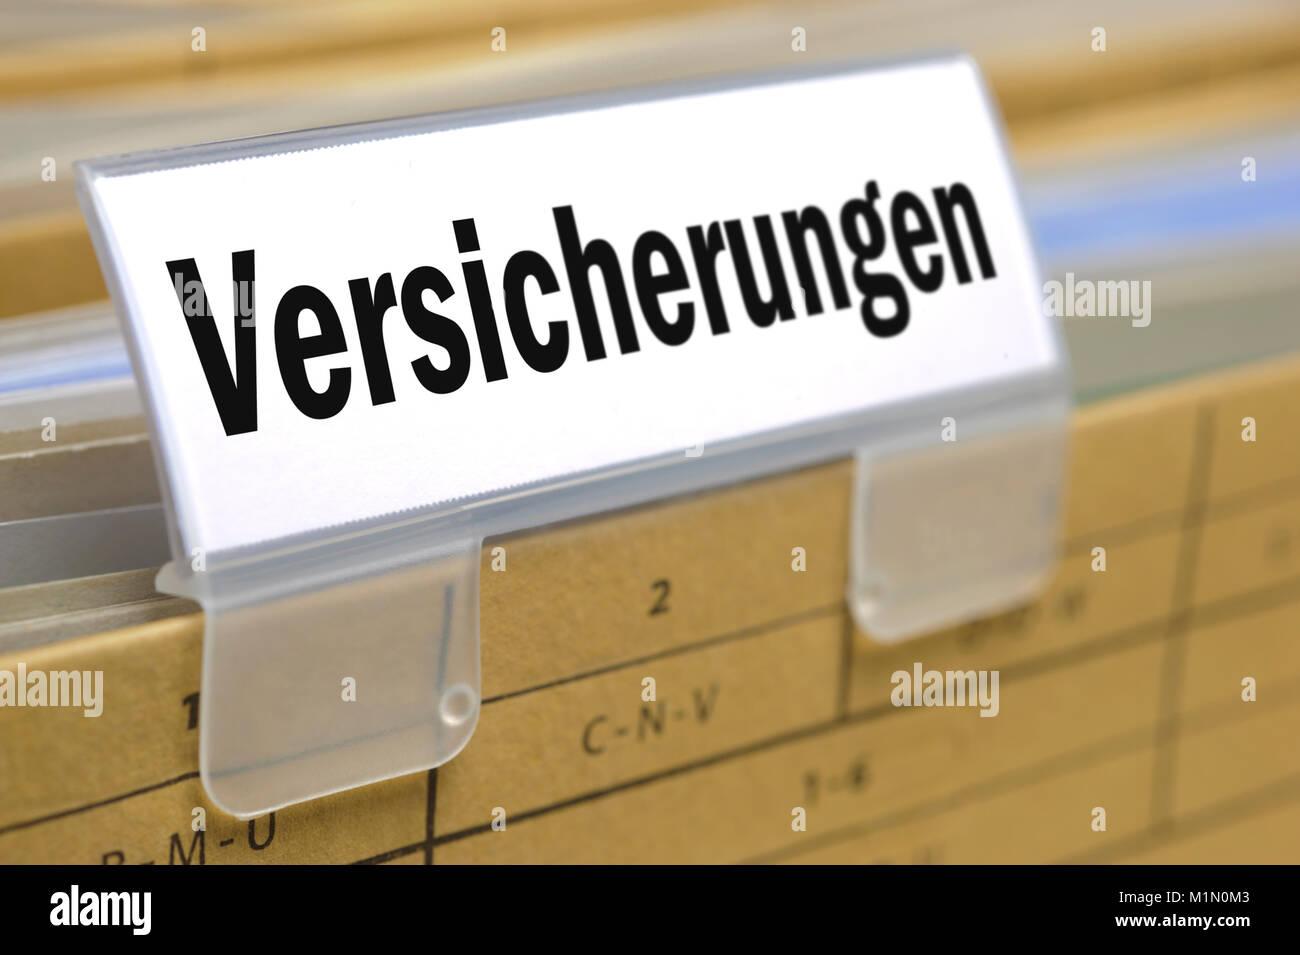 Versicherung, Hängeregister und Reiter mit Aufschrift Versicherungeng] Stock Photo